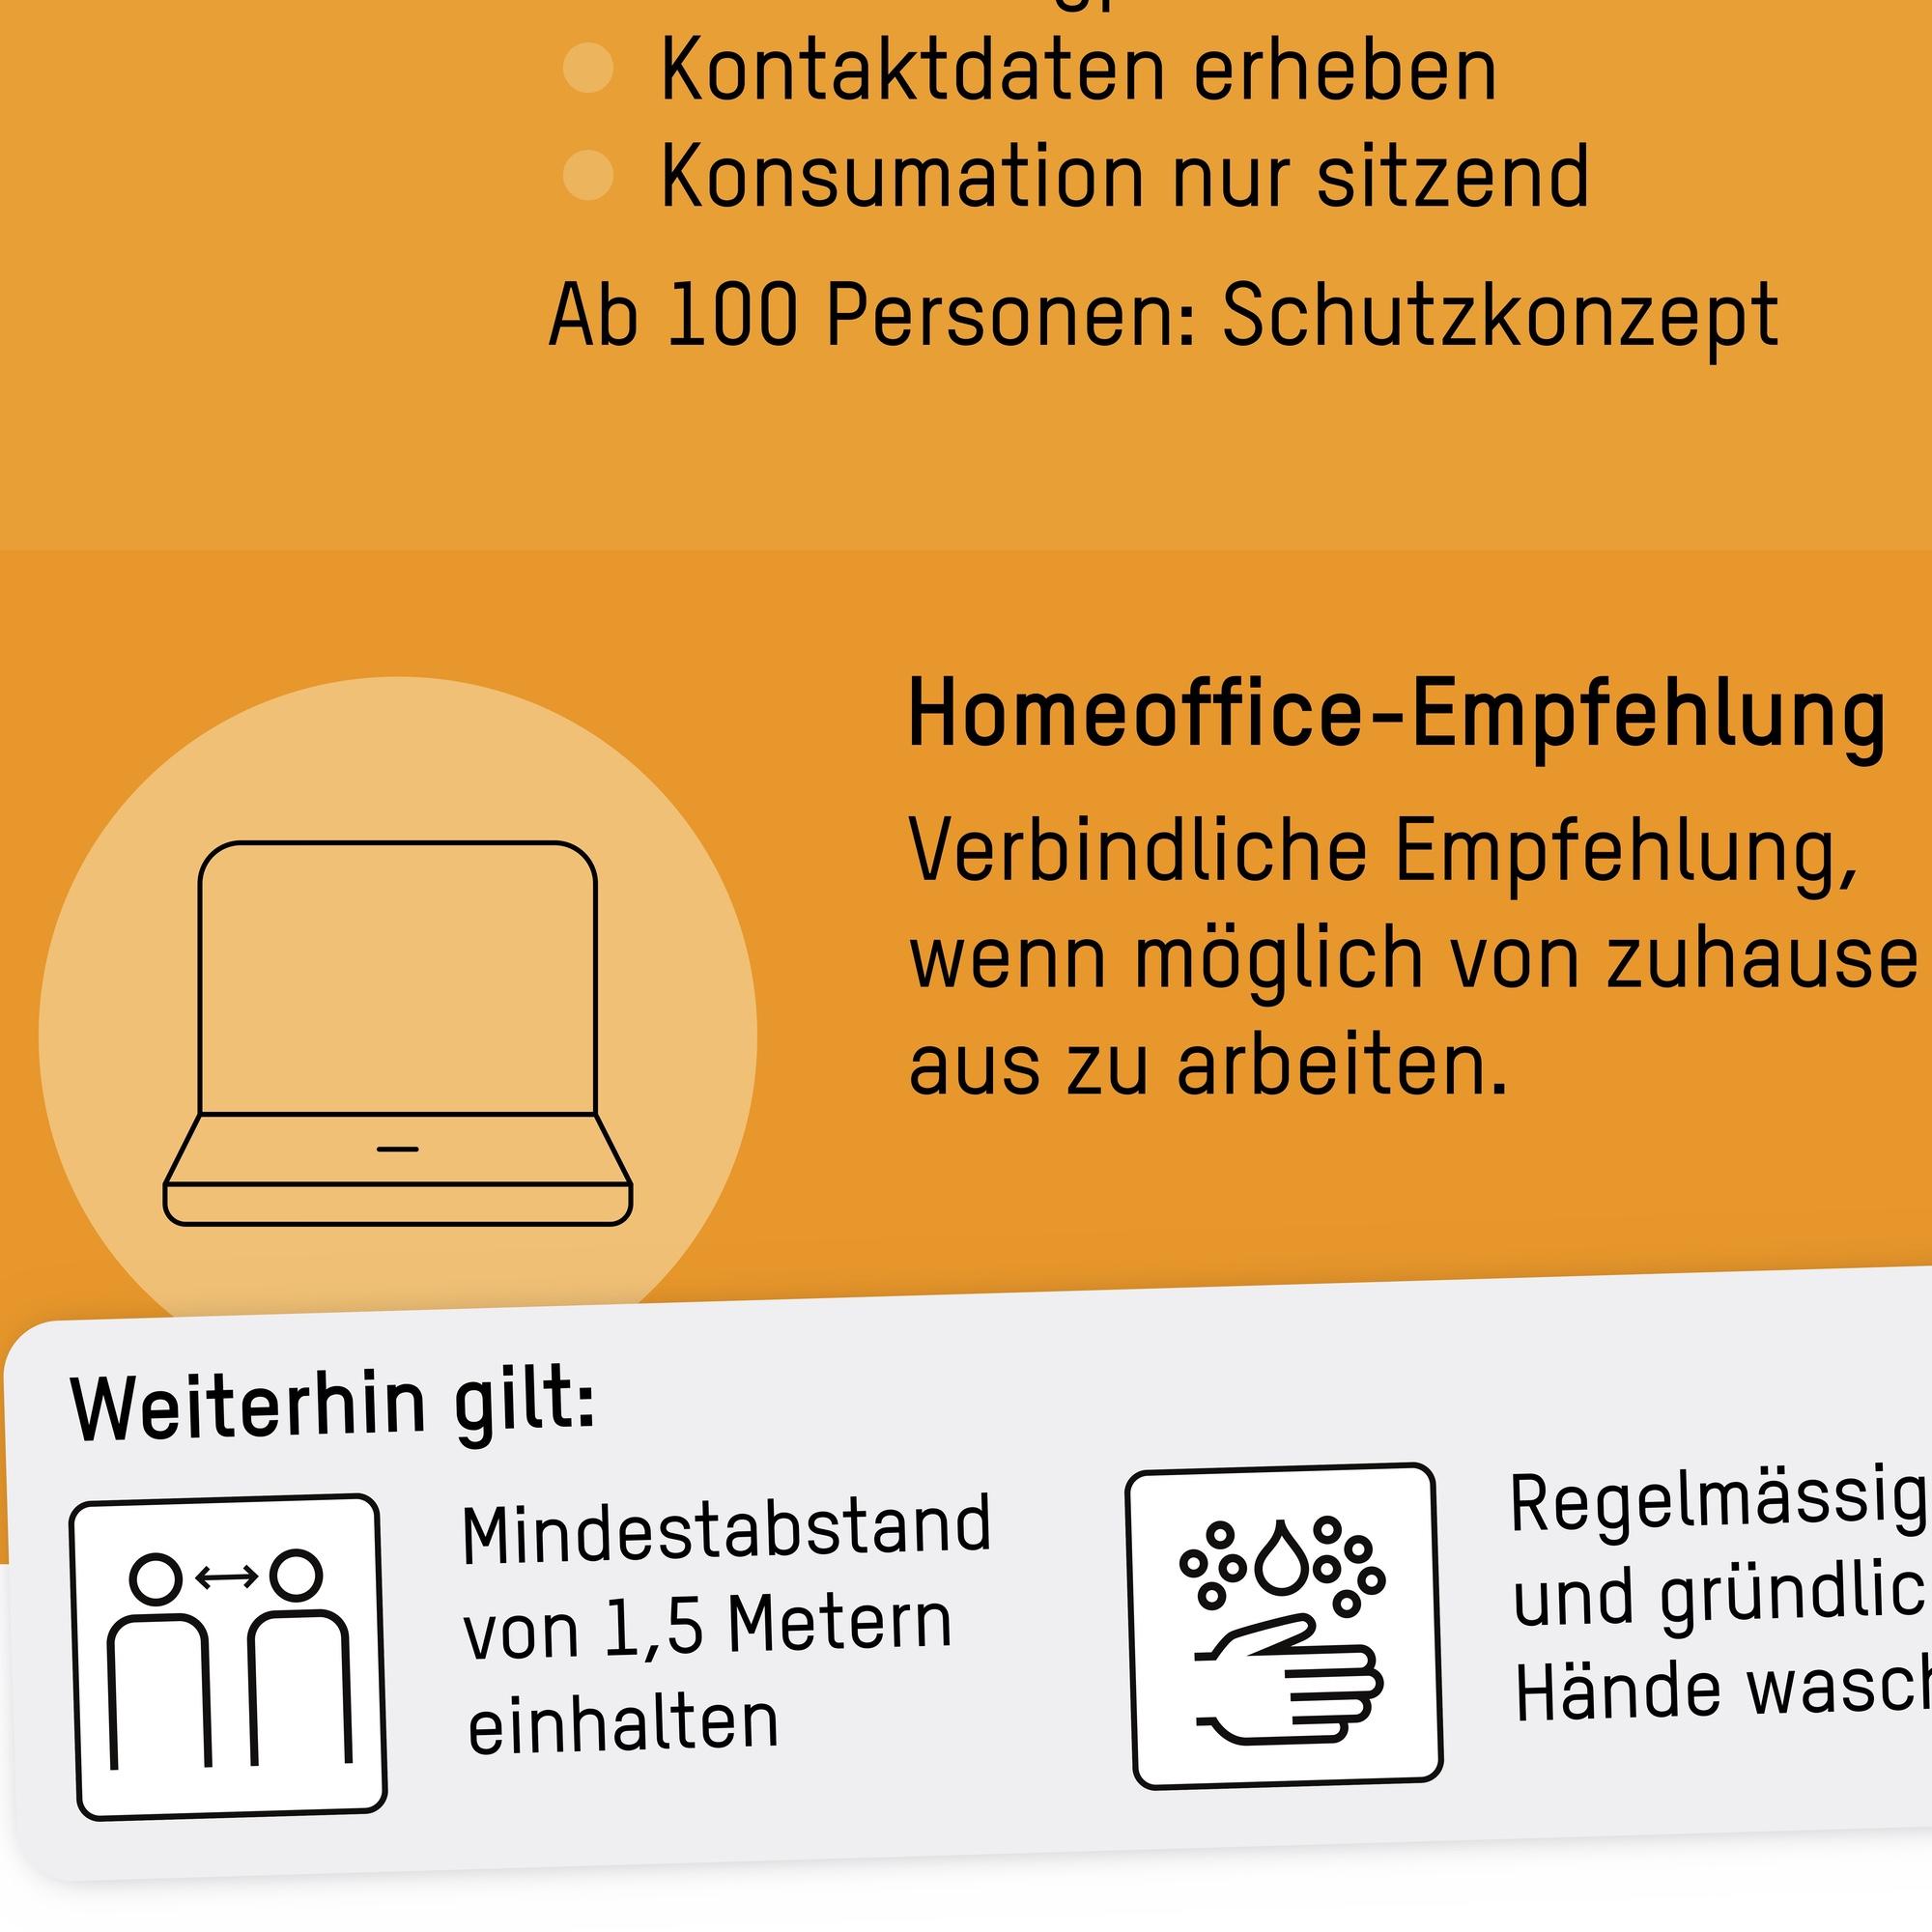 Flyer: «Bund verstärkt Massnahmen gegen das Coronavirus» vom 19. Oktober 2020 (Ausschnitt mit Homeoffice-Empfehlung)